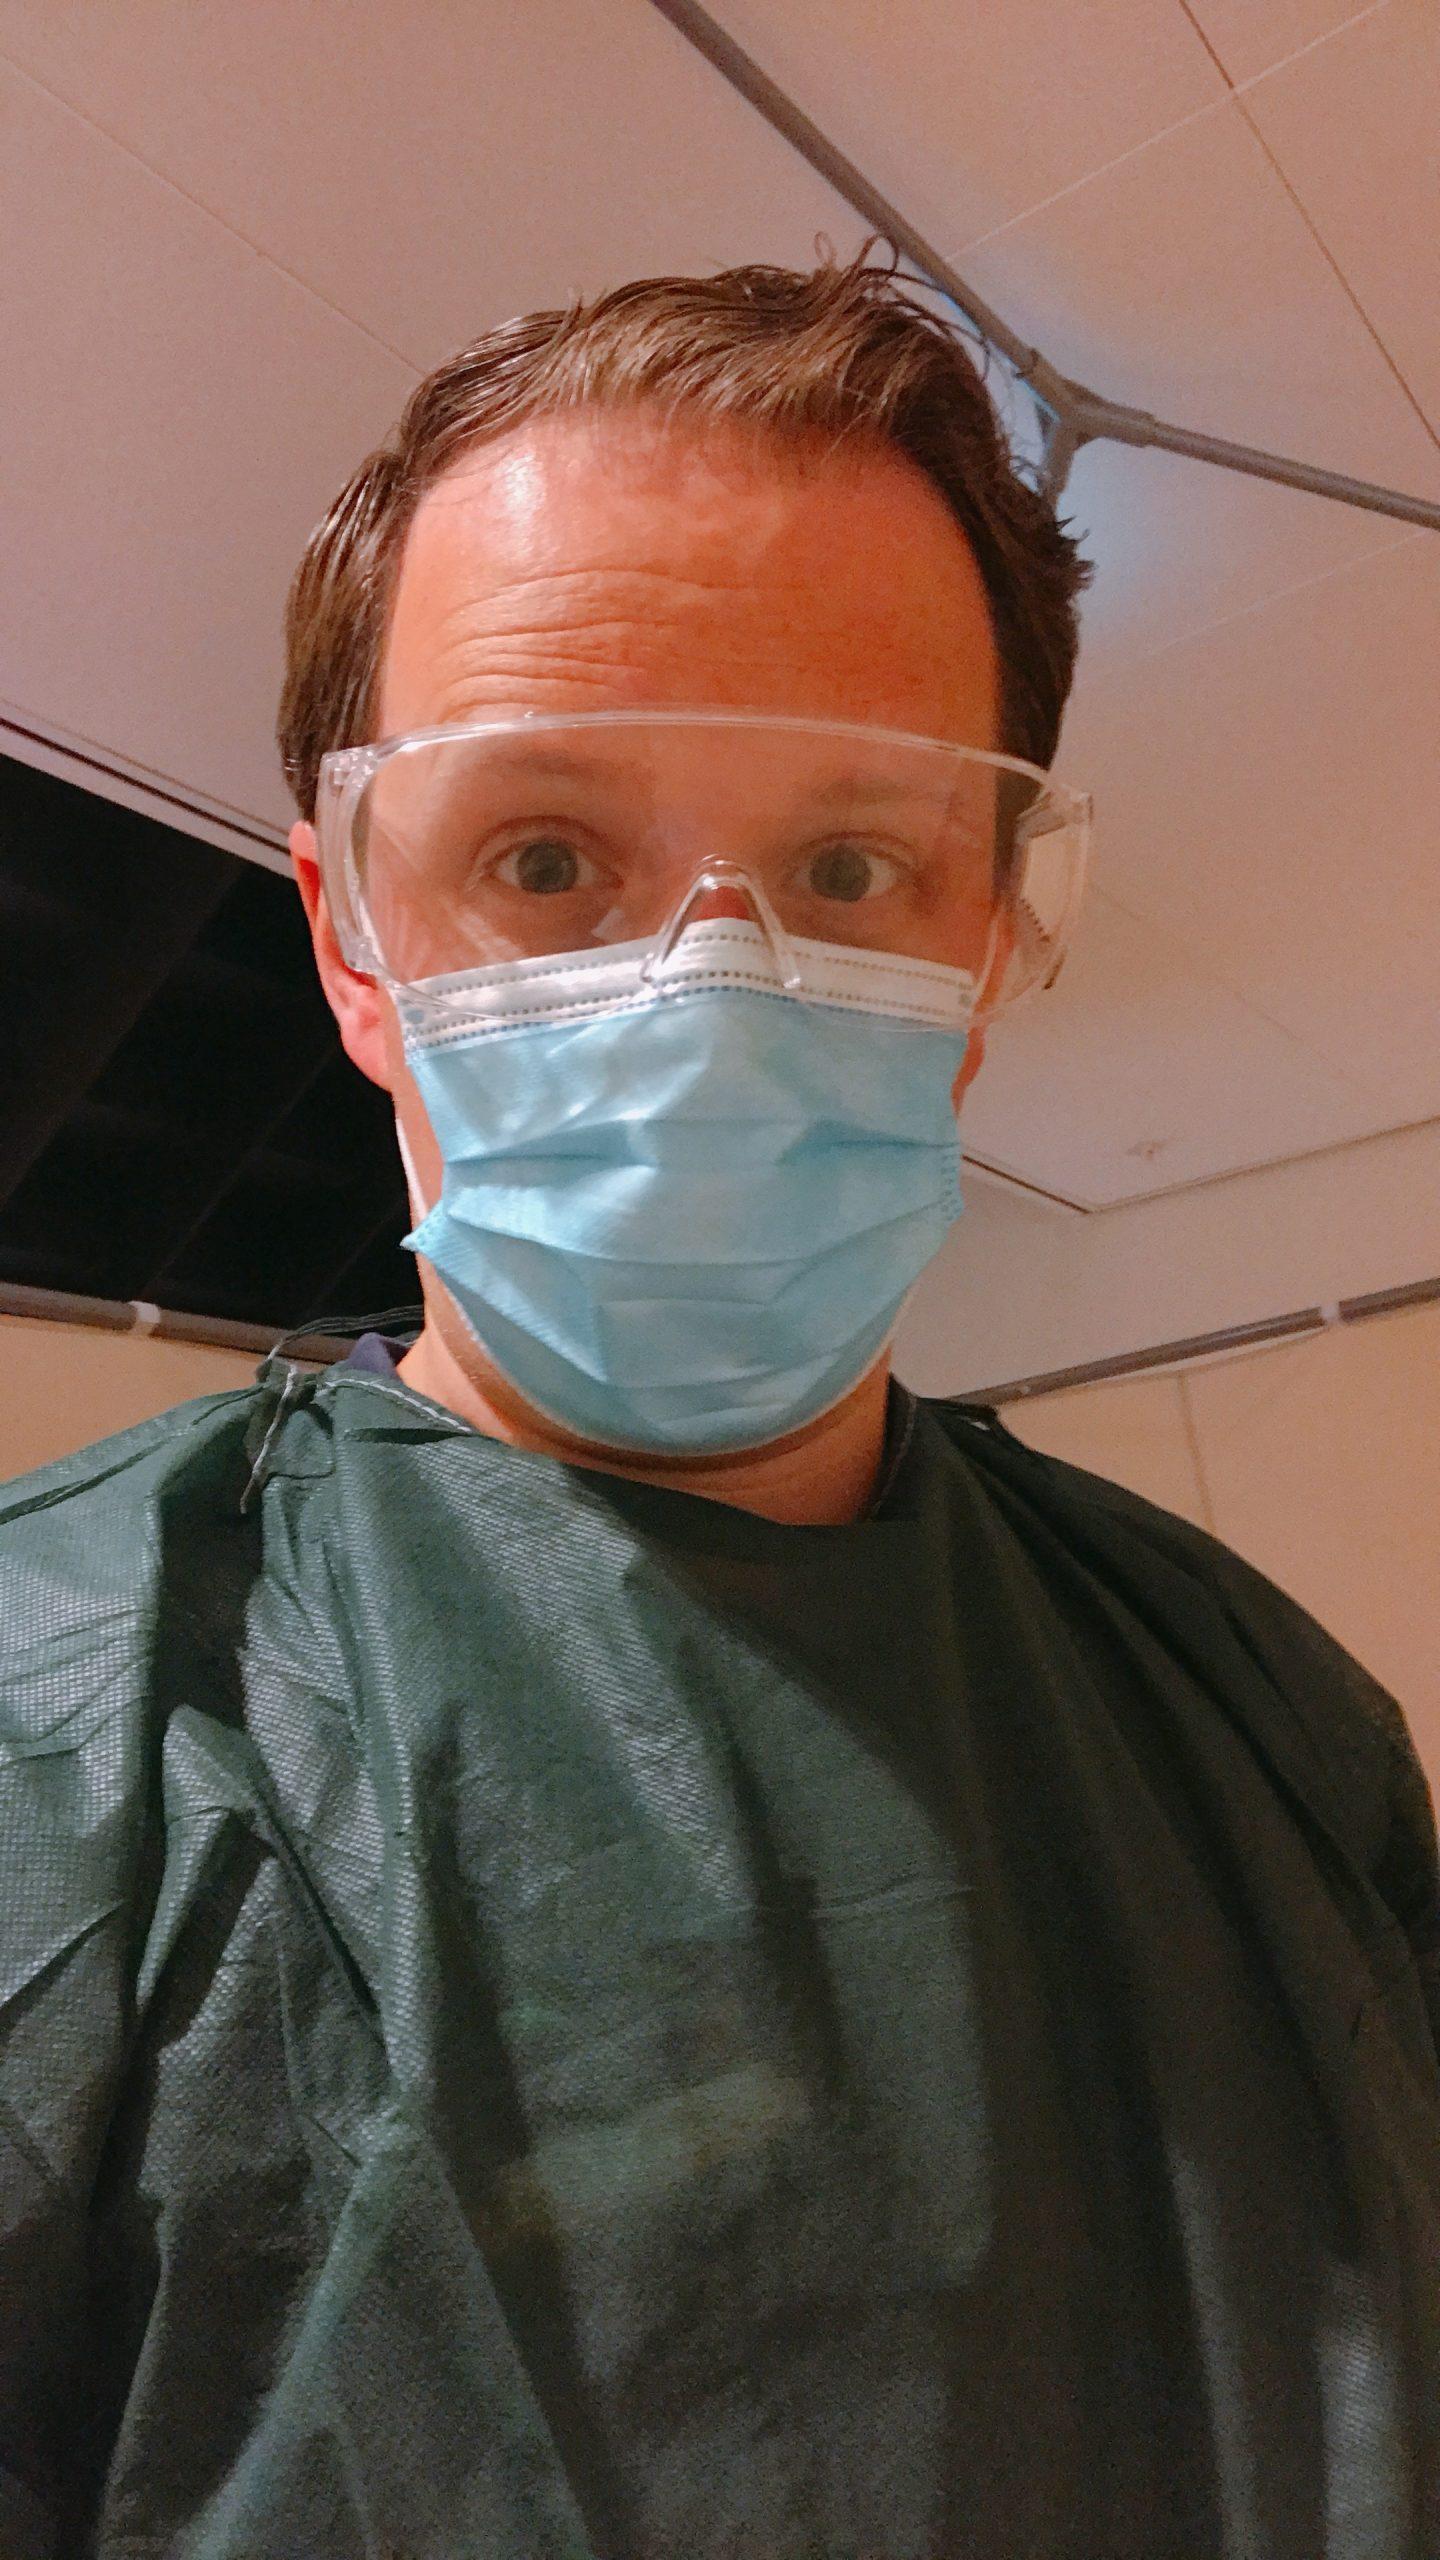 IMG 9774 scaled - Boris als Verpleegkundig Specialist in tijden van Corona